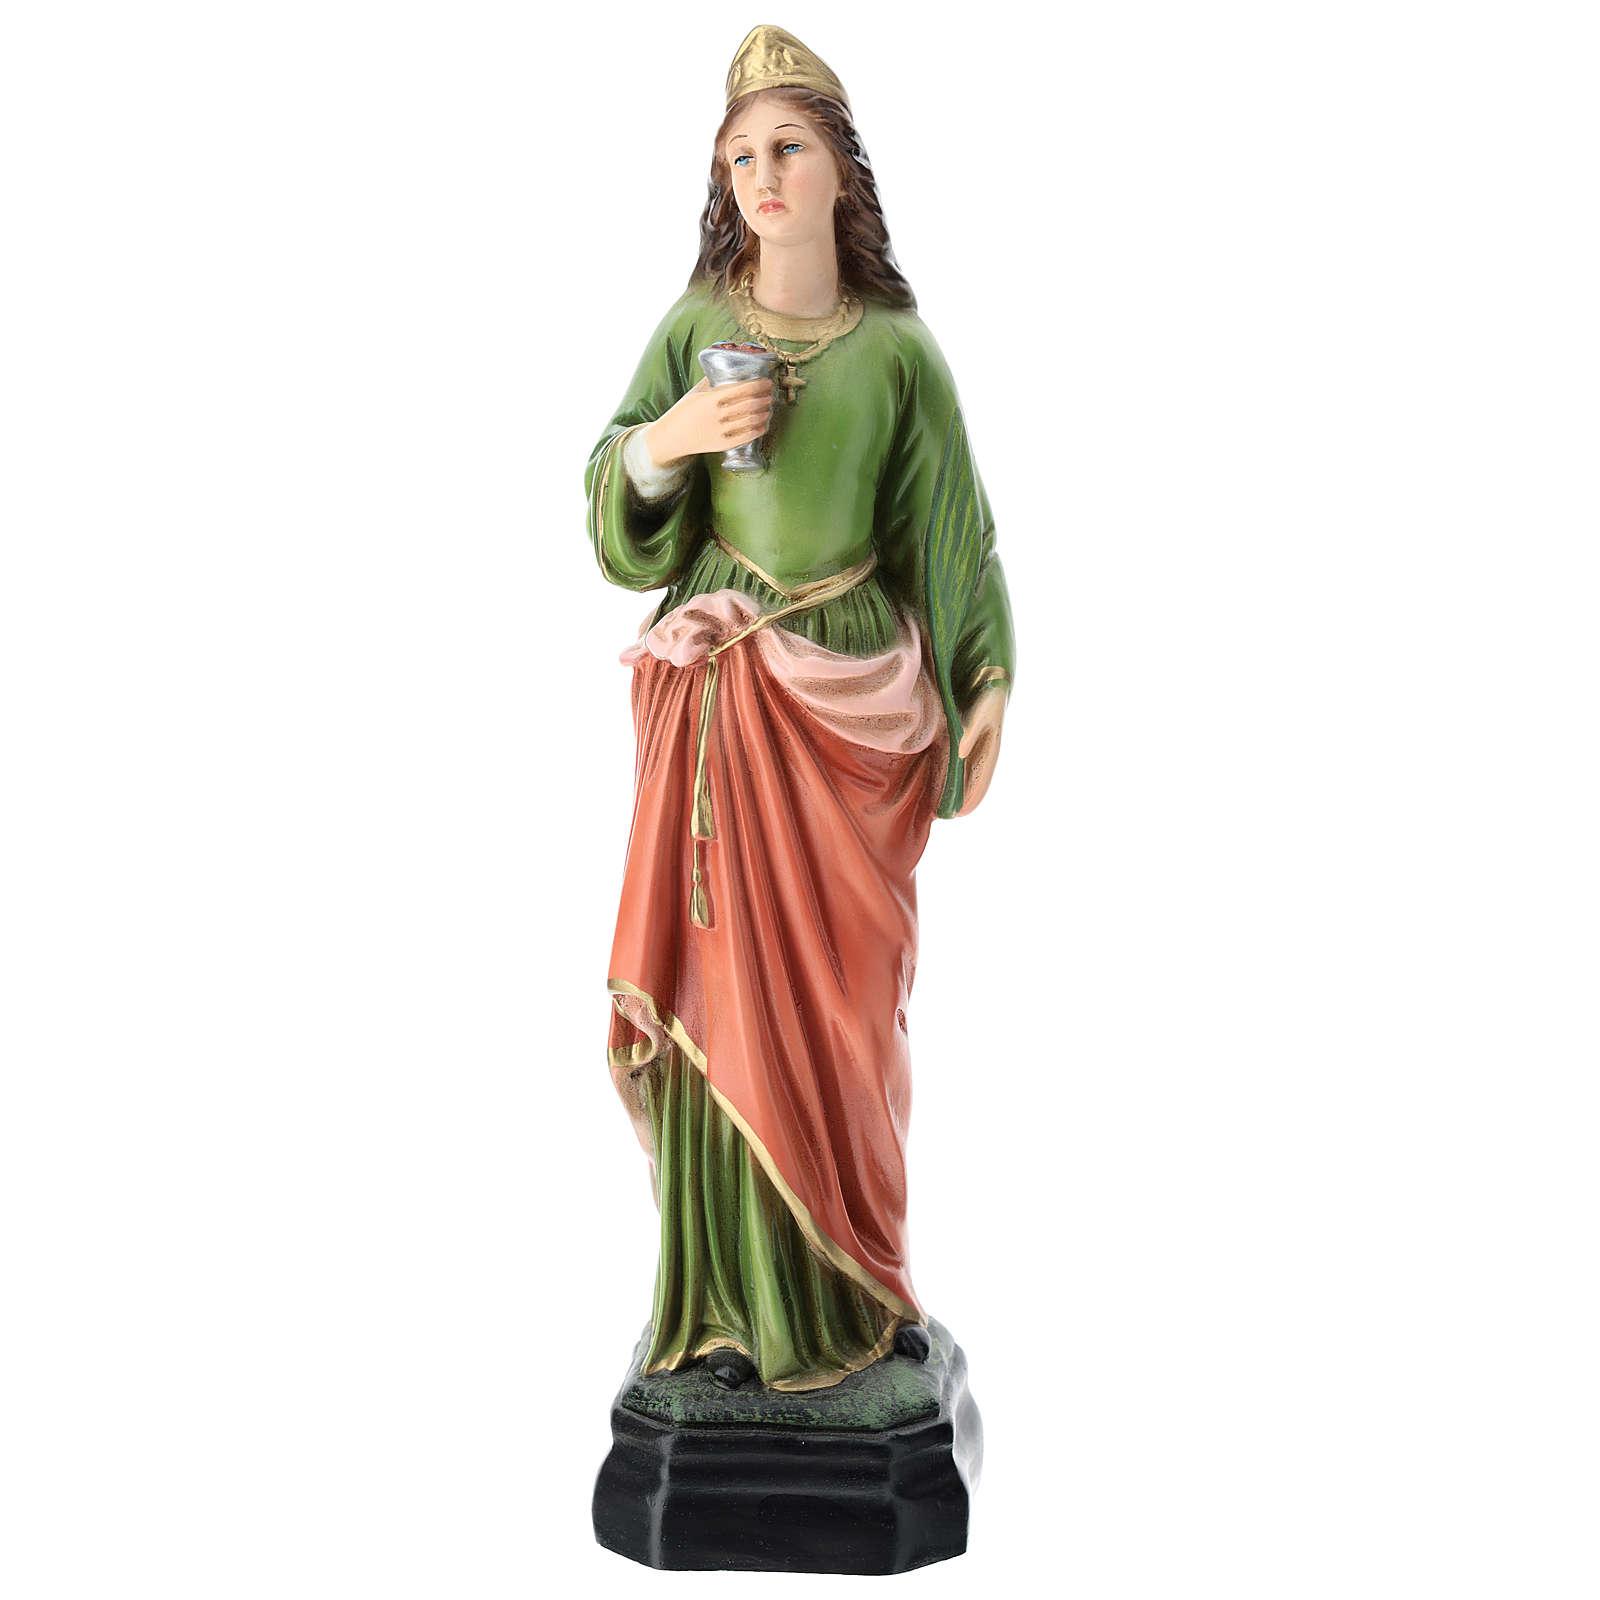 Statua Santa Lucia resina 30 cm resina colorata 4